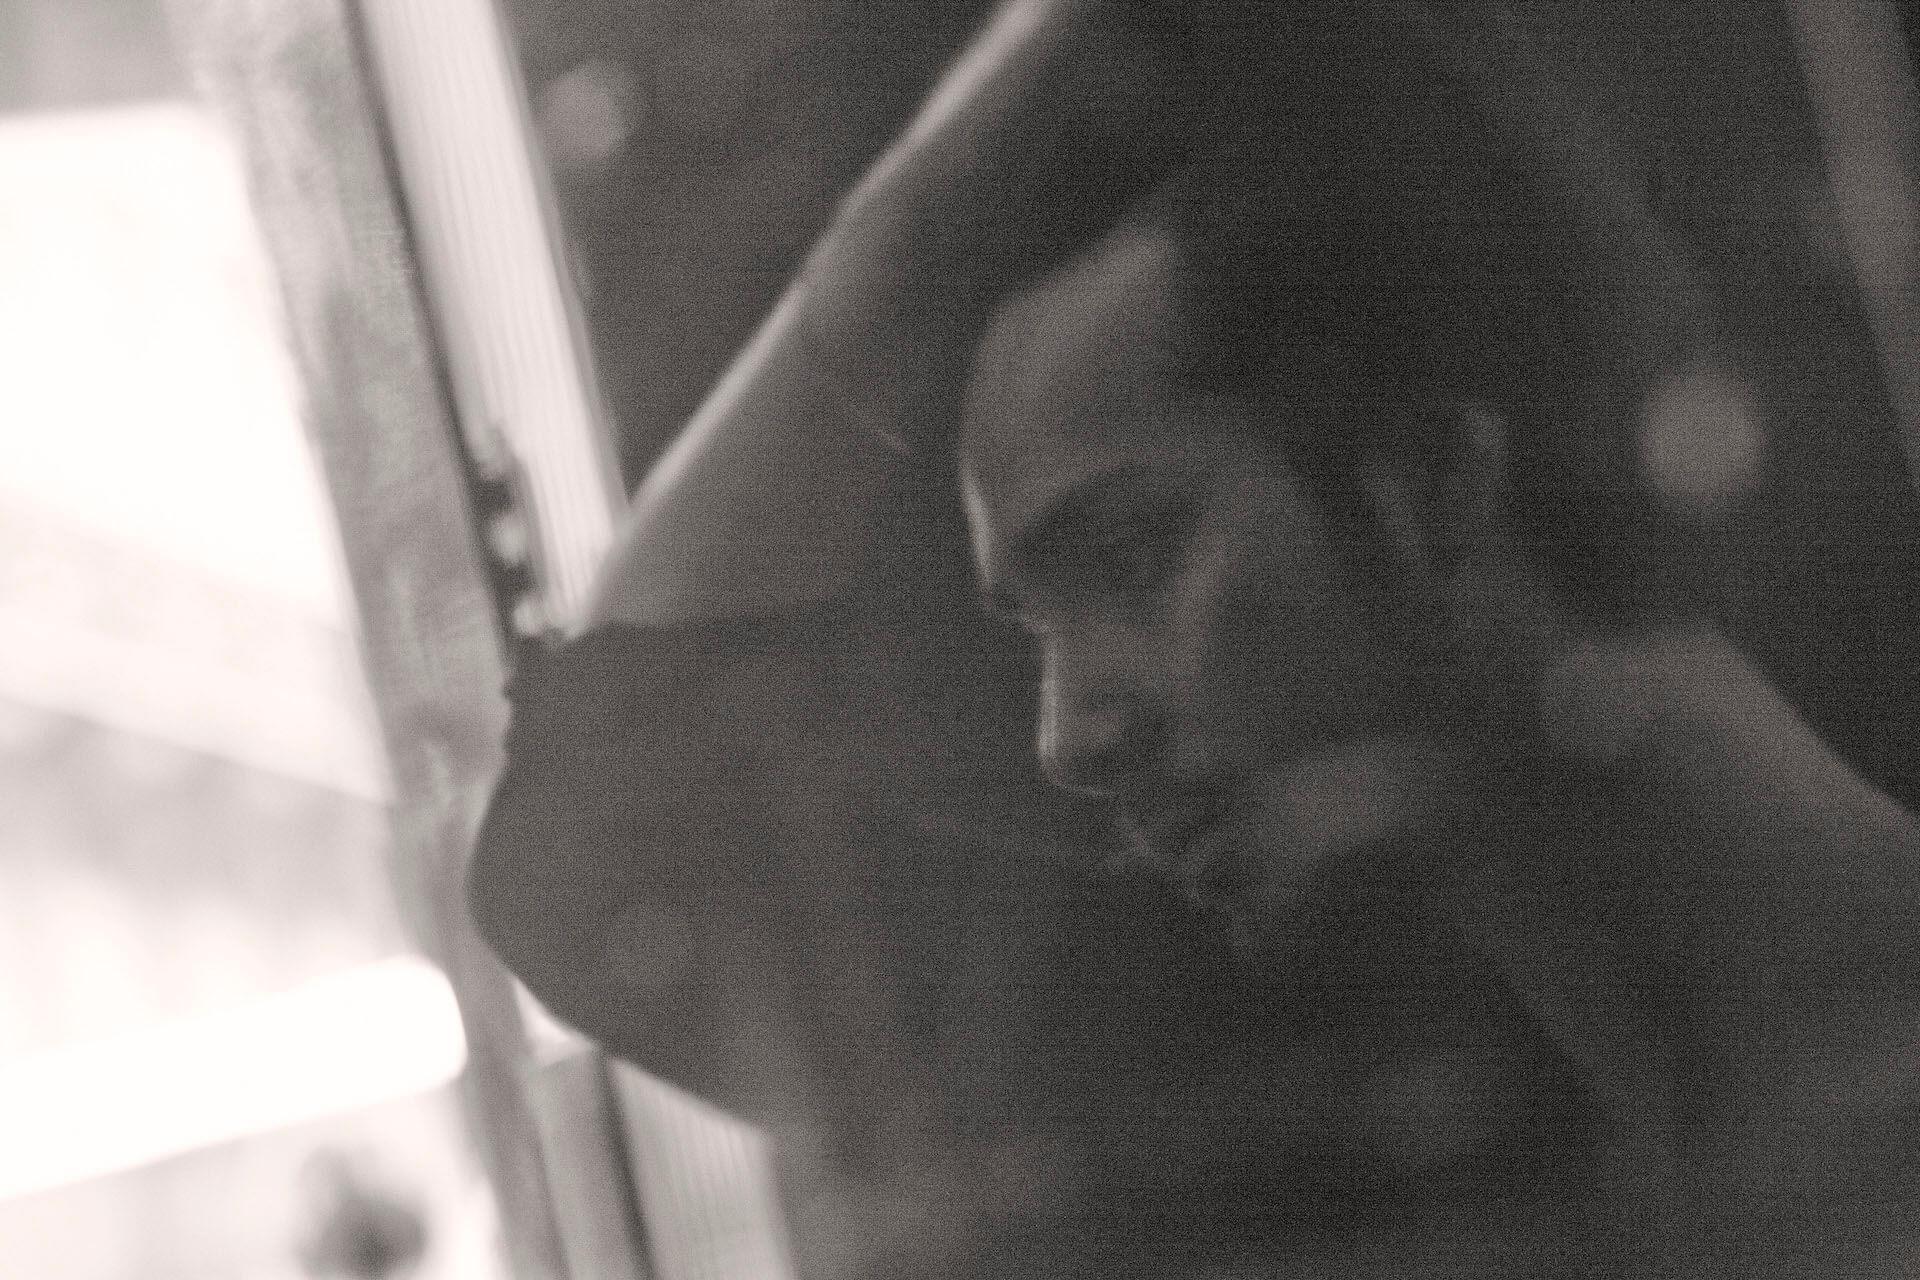 """常田大希がアンバサダーを務めるadidasのCMに起用されたmillennium parade新曲""""Philip""""のアートワーク解禁&MV公開も決定! music200928_millenniumparade_4"""